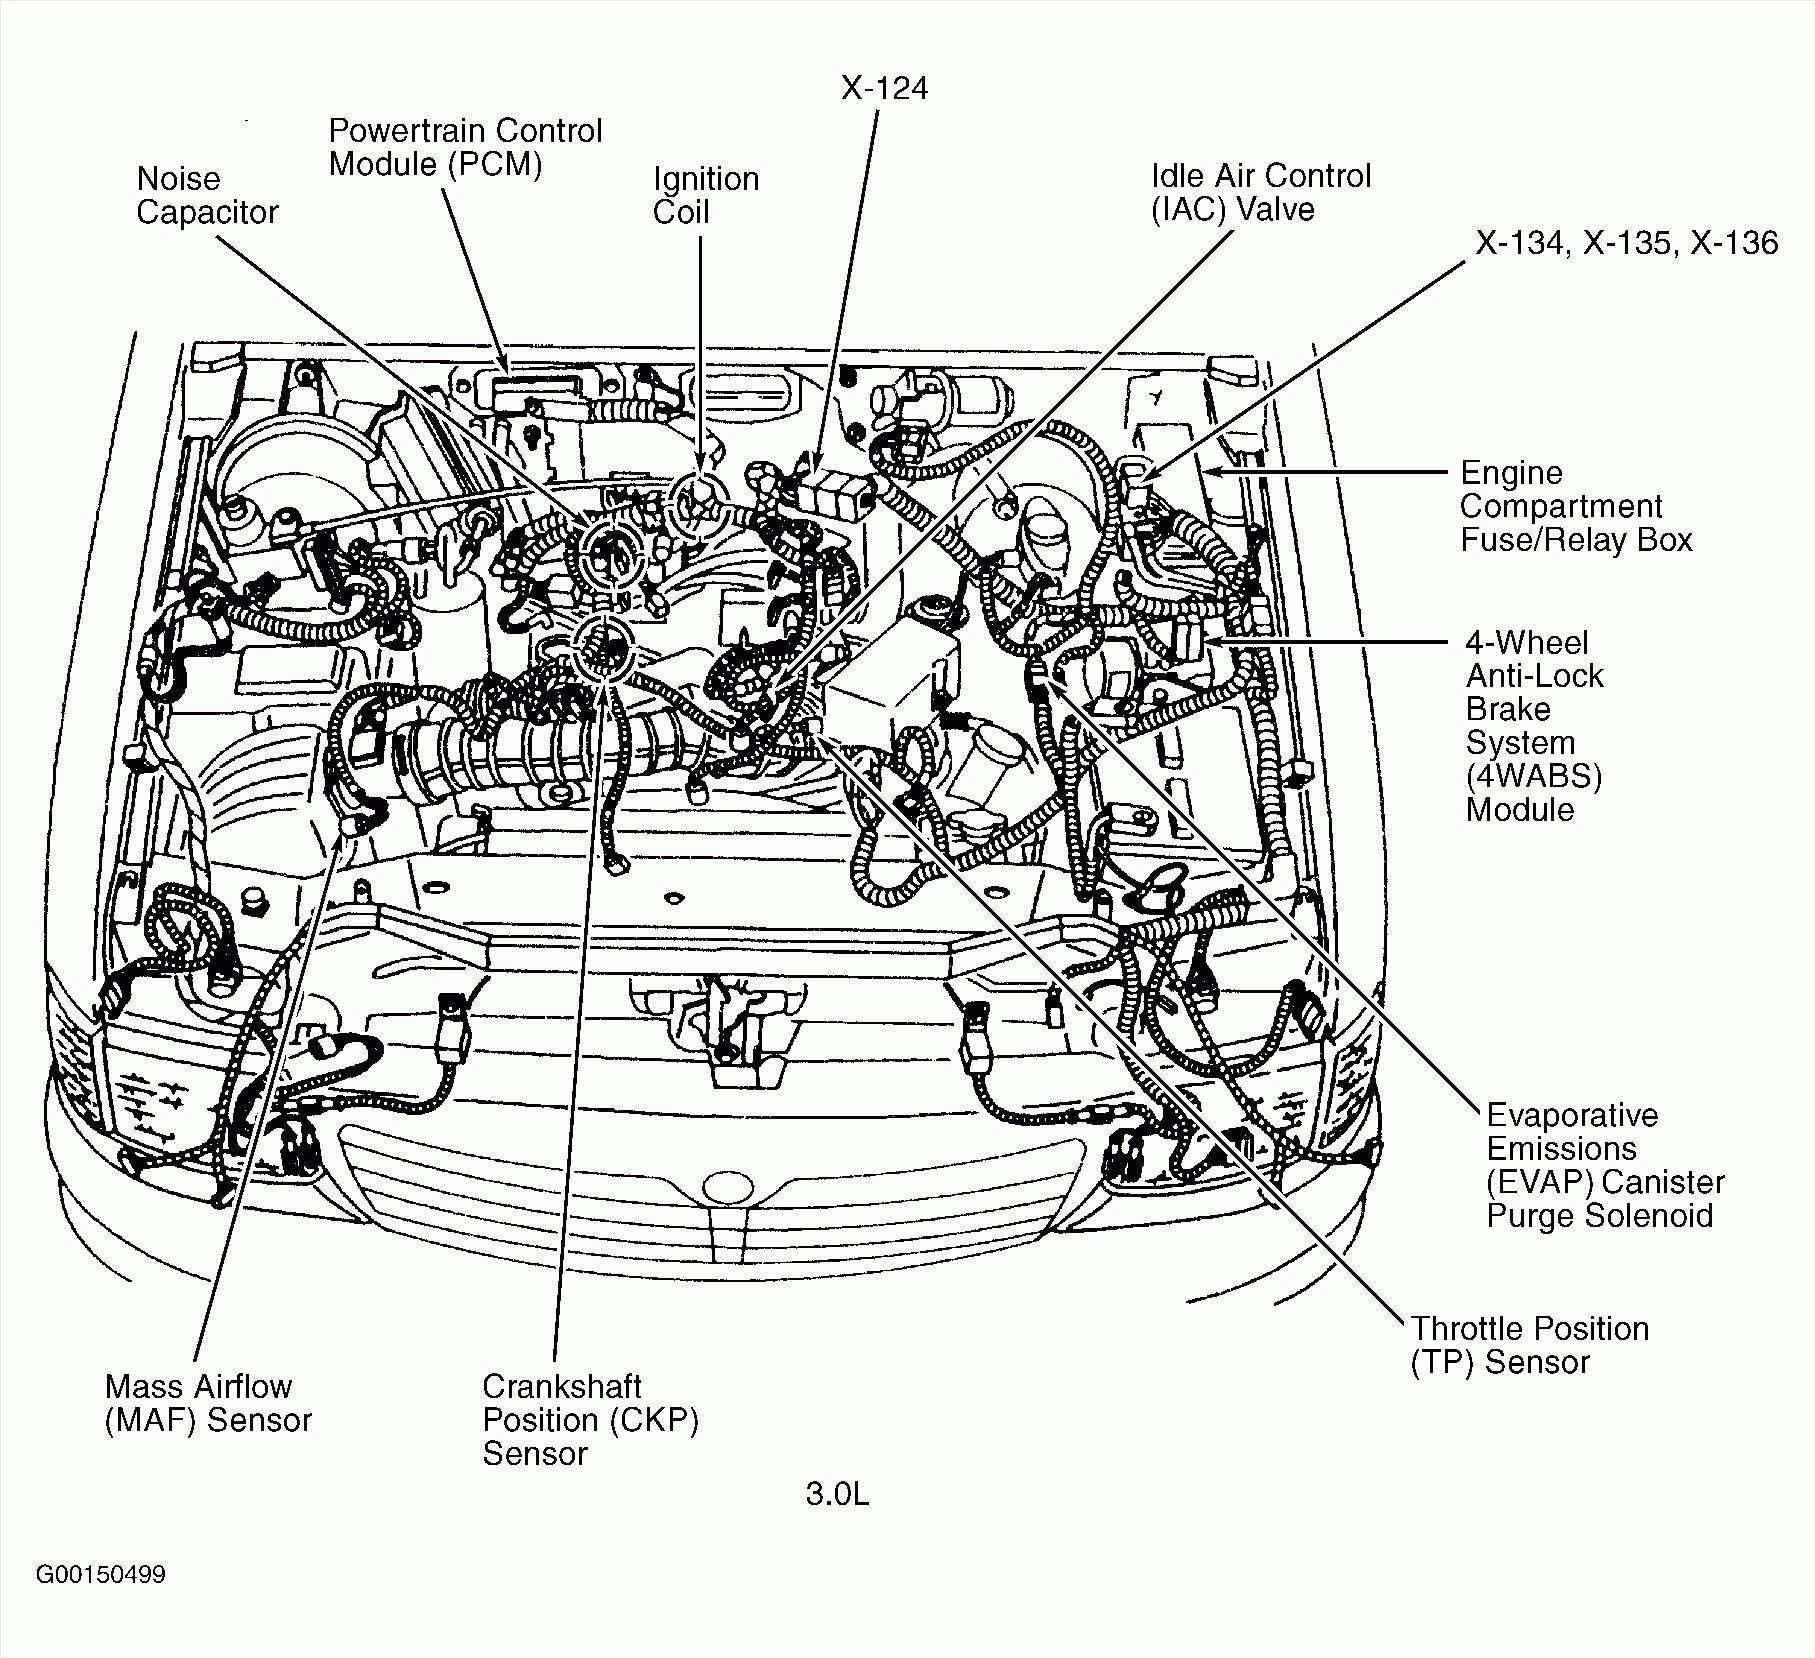 2003 Buick Century Engine Diagram 2003 Buick Regal Engine Diagram Wiring Diagram Paper Of 2003 Buick Century Engine Diagram